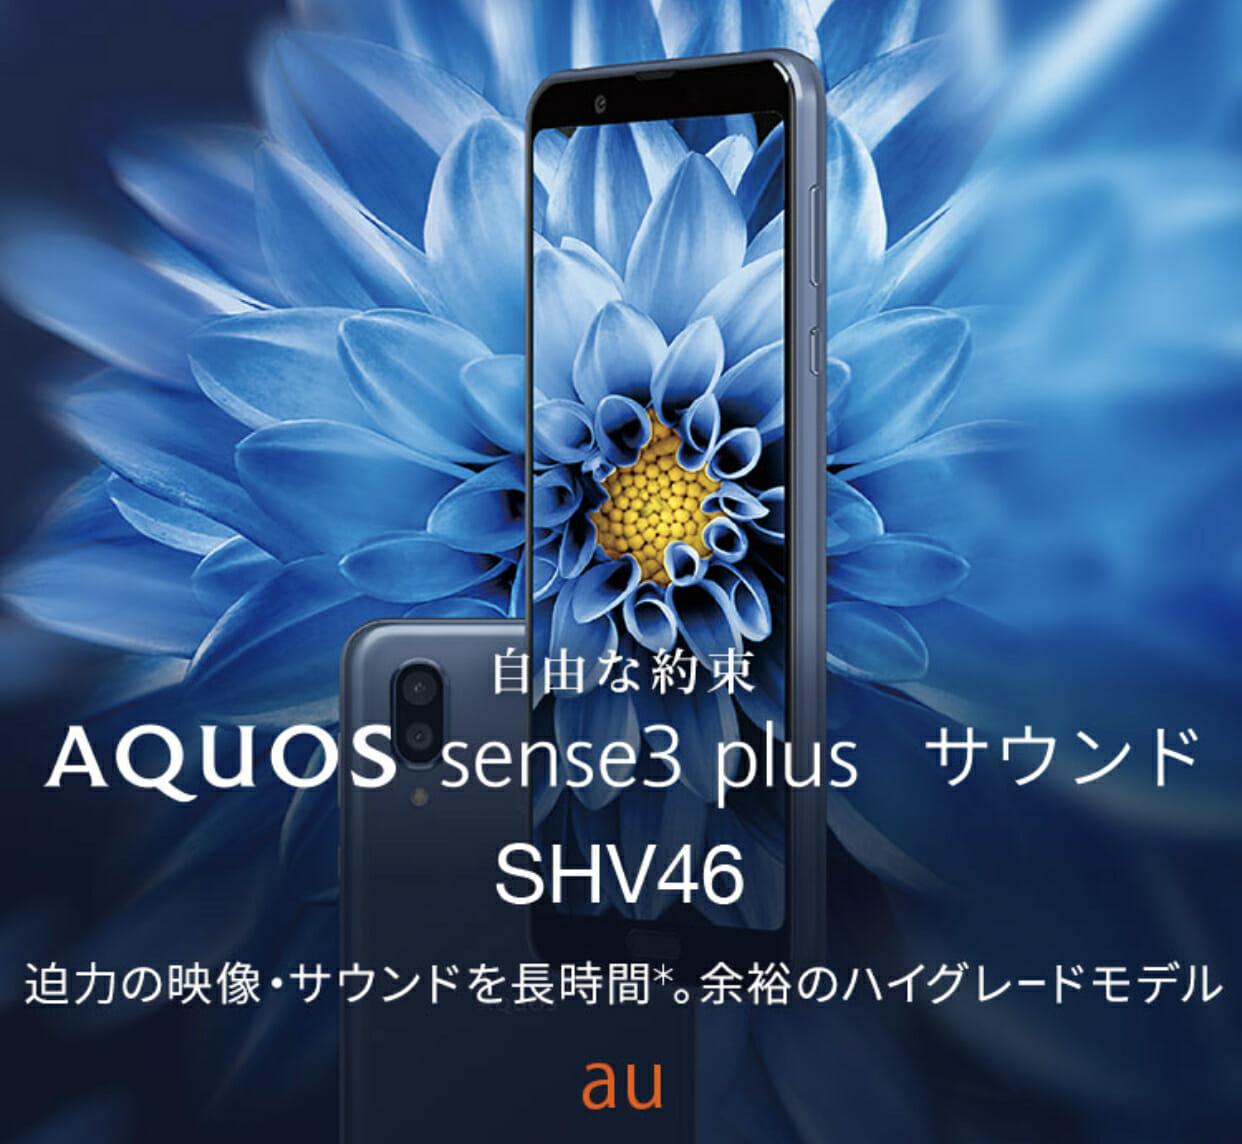 センス 3 アクオス